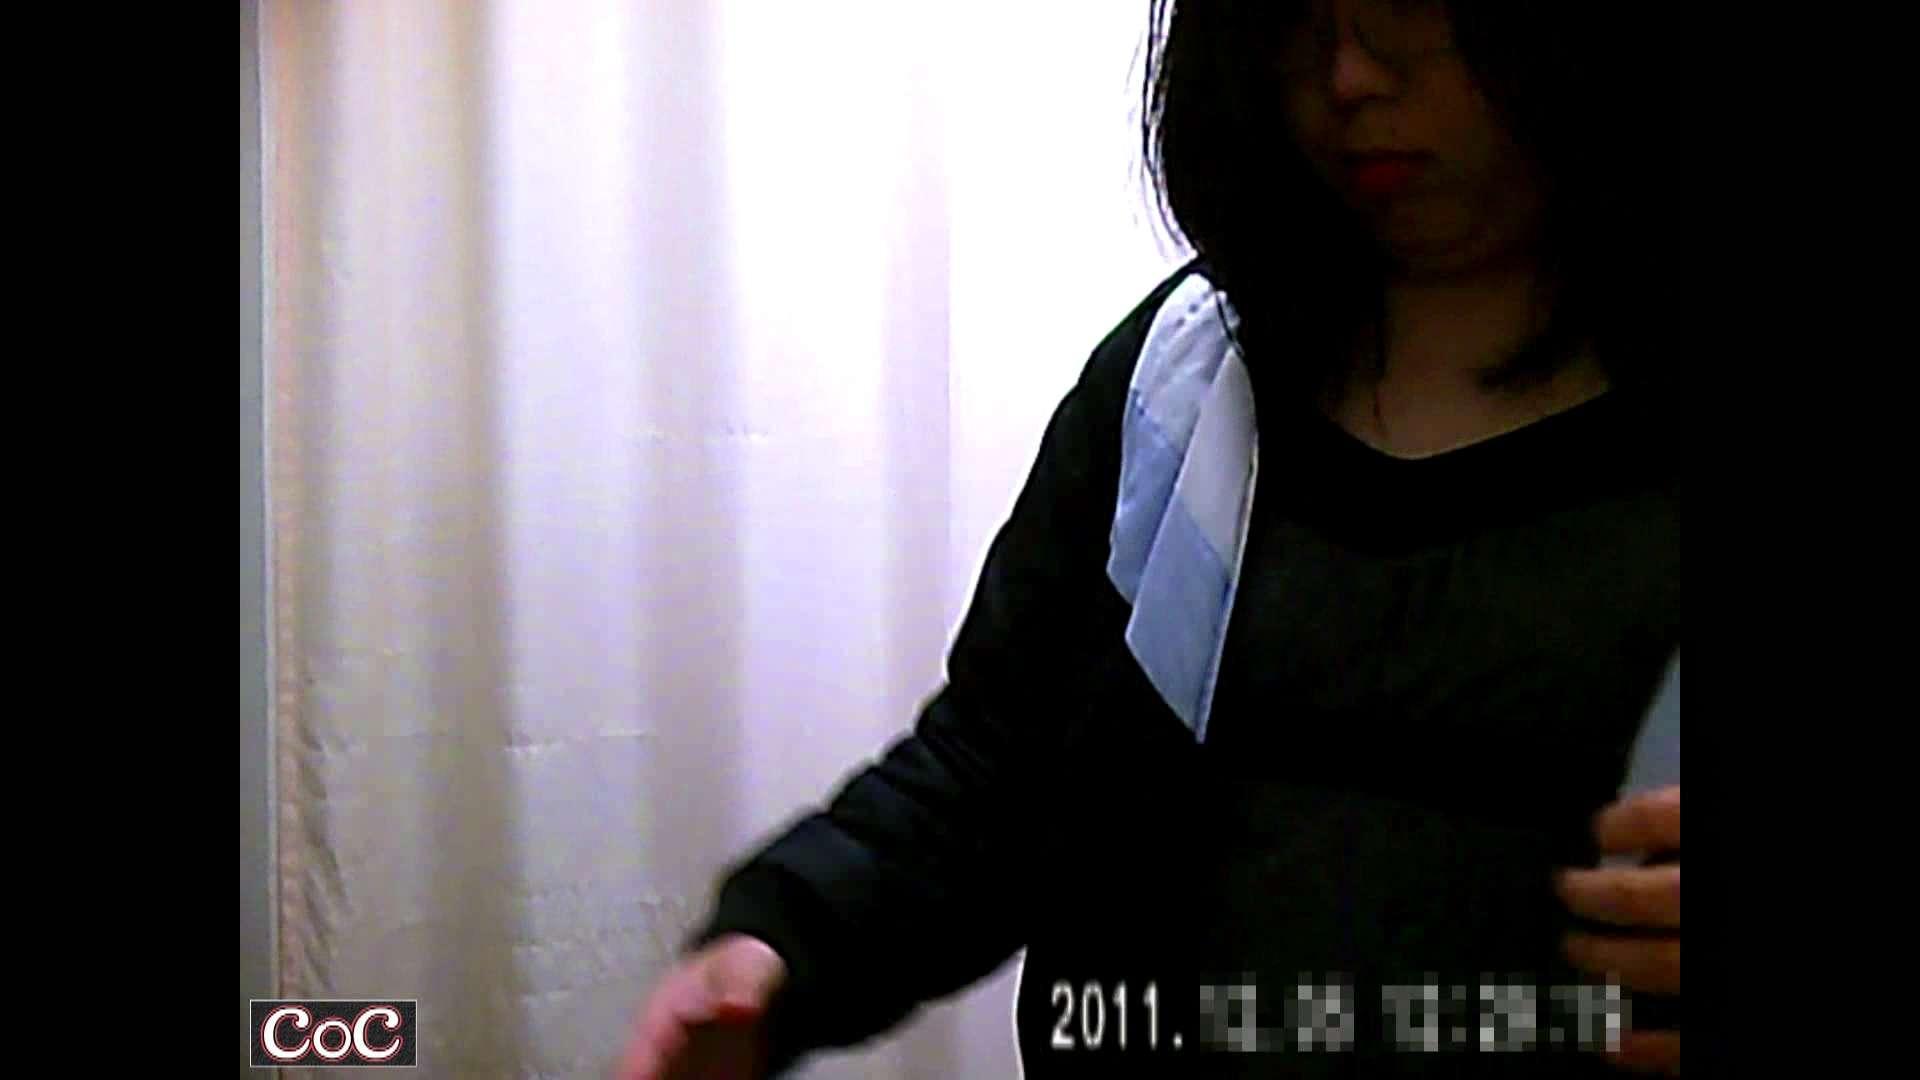 元医者による反抗 更衣室地獄絵巻 vol.184 OL  72pic 24